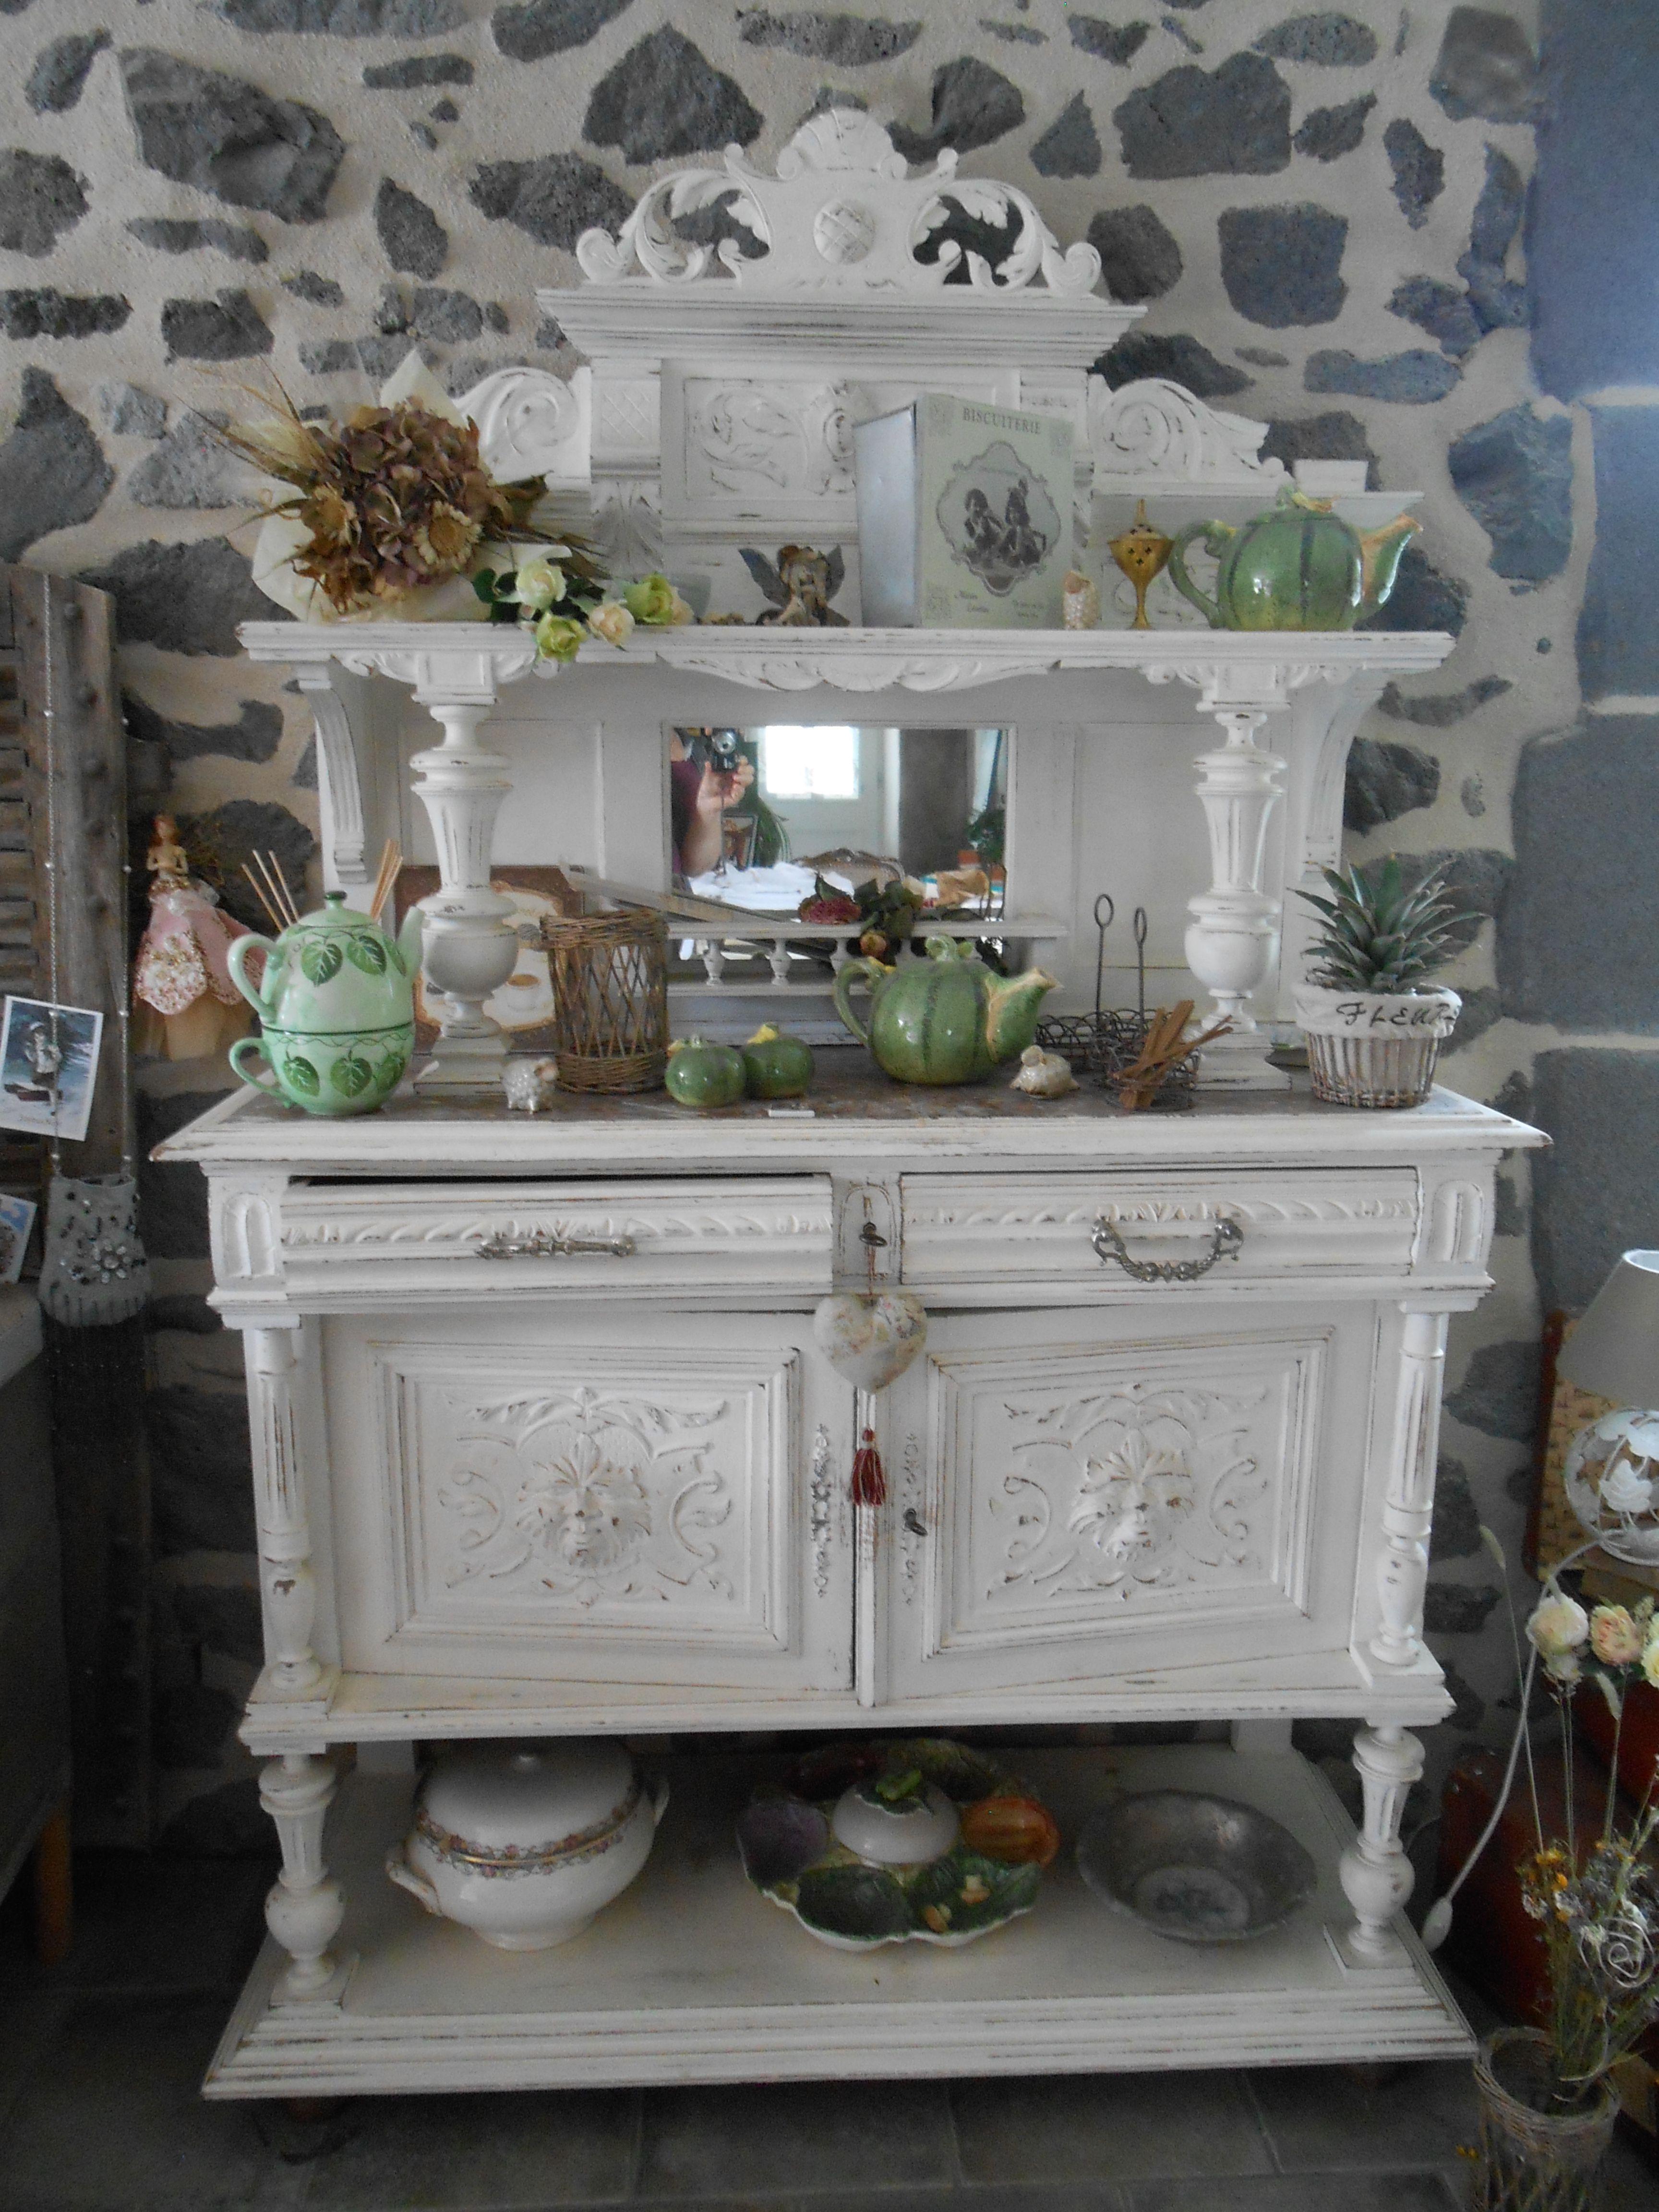 Desserte henri ii repeinte en blanc my lil farmhouse en 2019 paint furniture rustic - Relooking vieux meubles ...